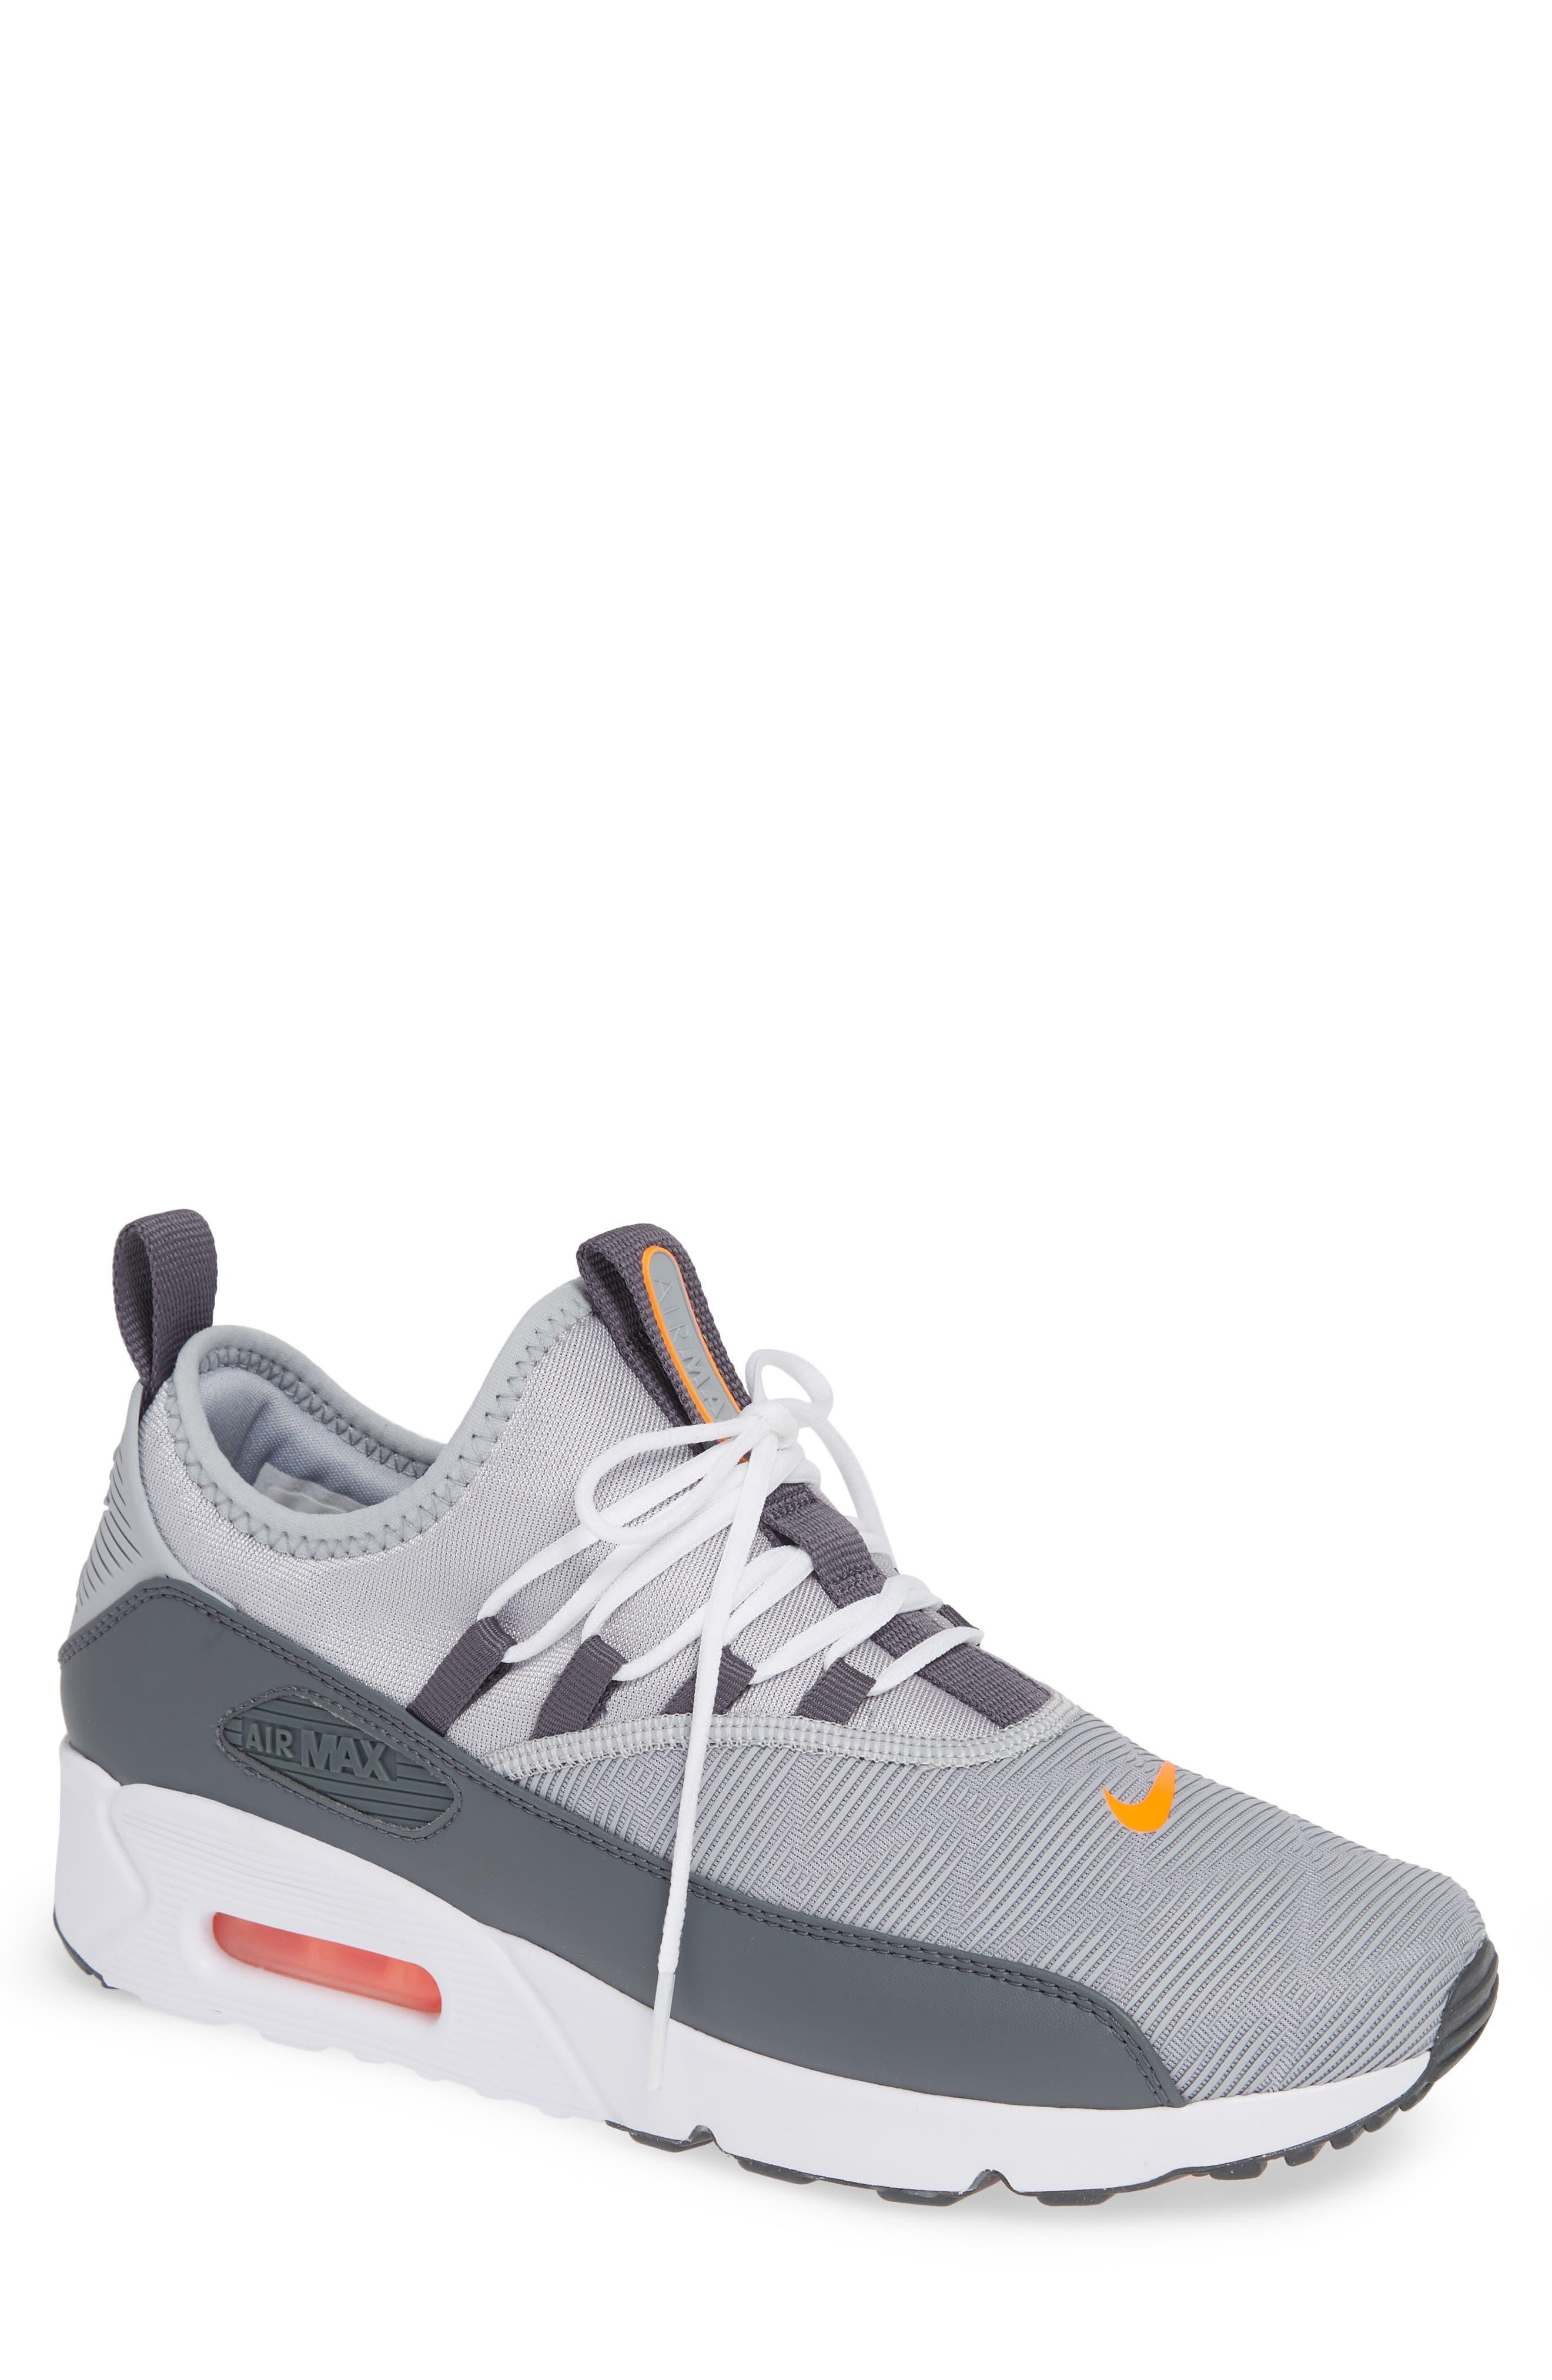 Air Max 90 EZ Sneaker,                         Main,                         color, 021